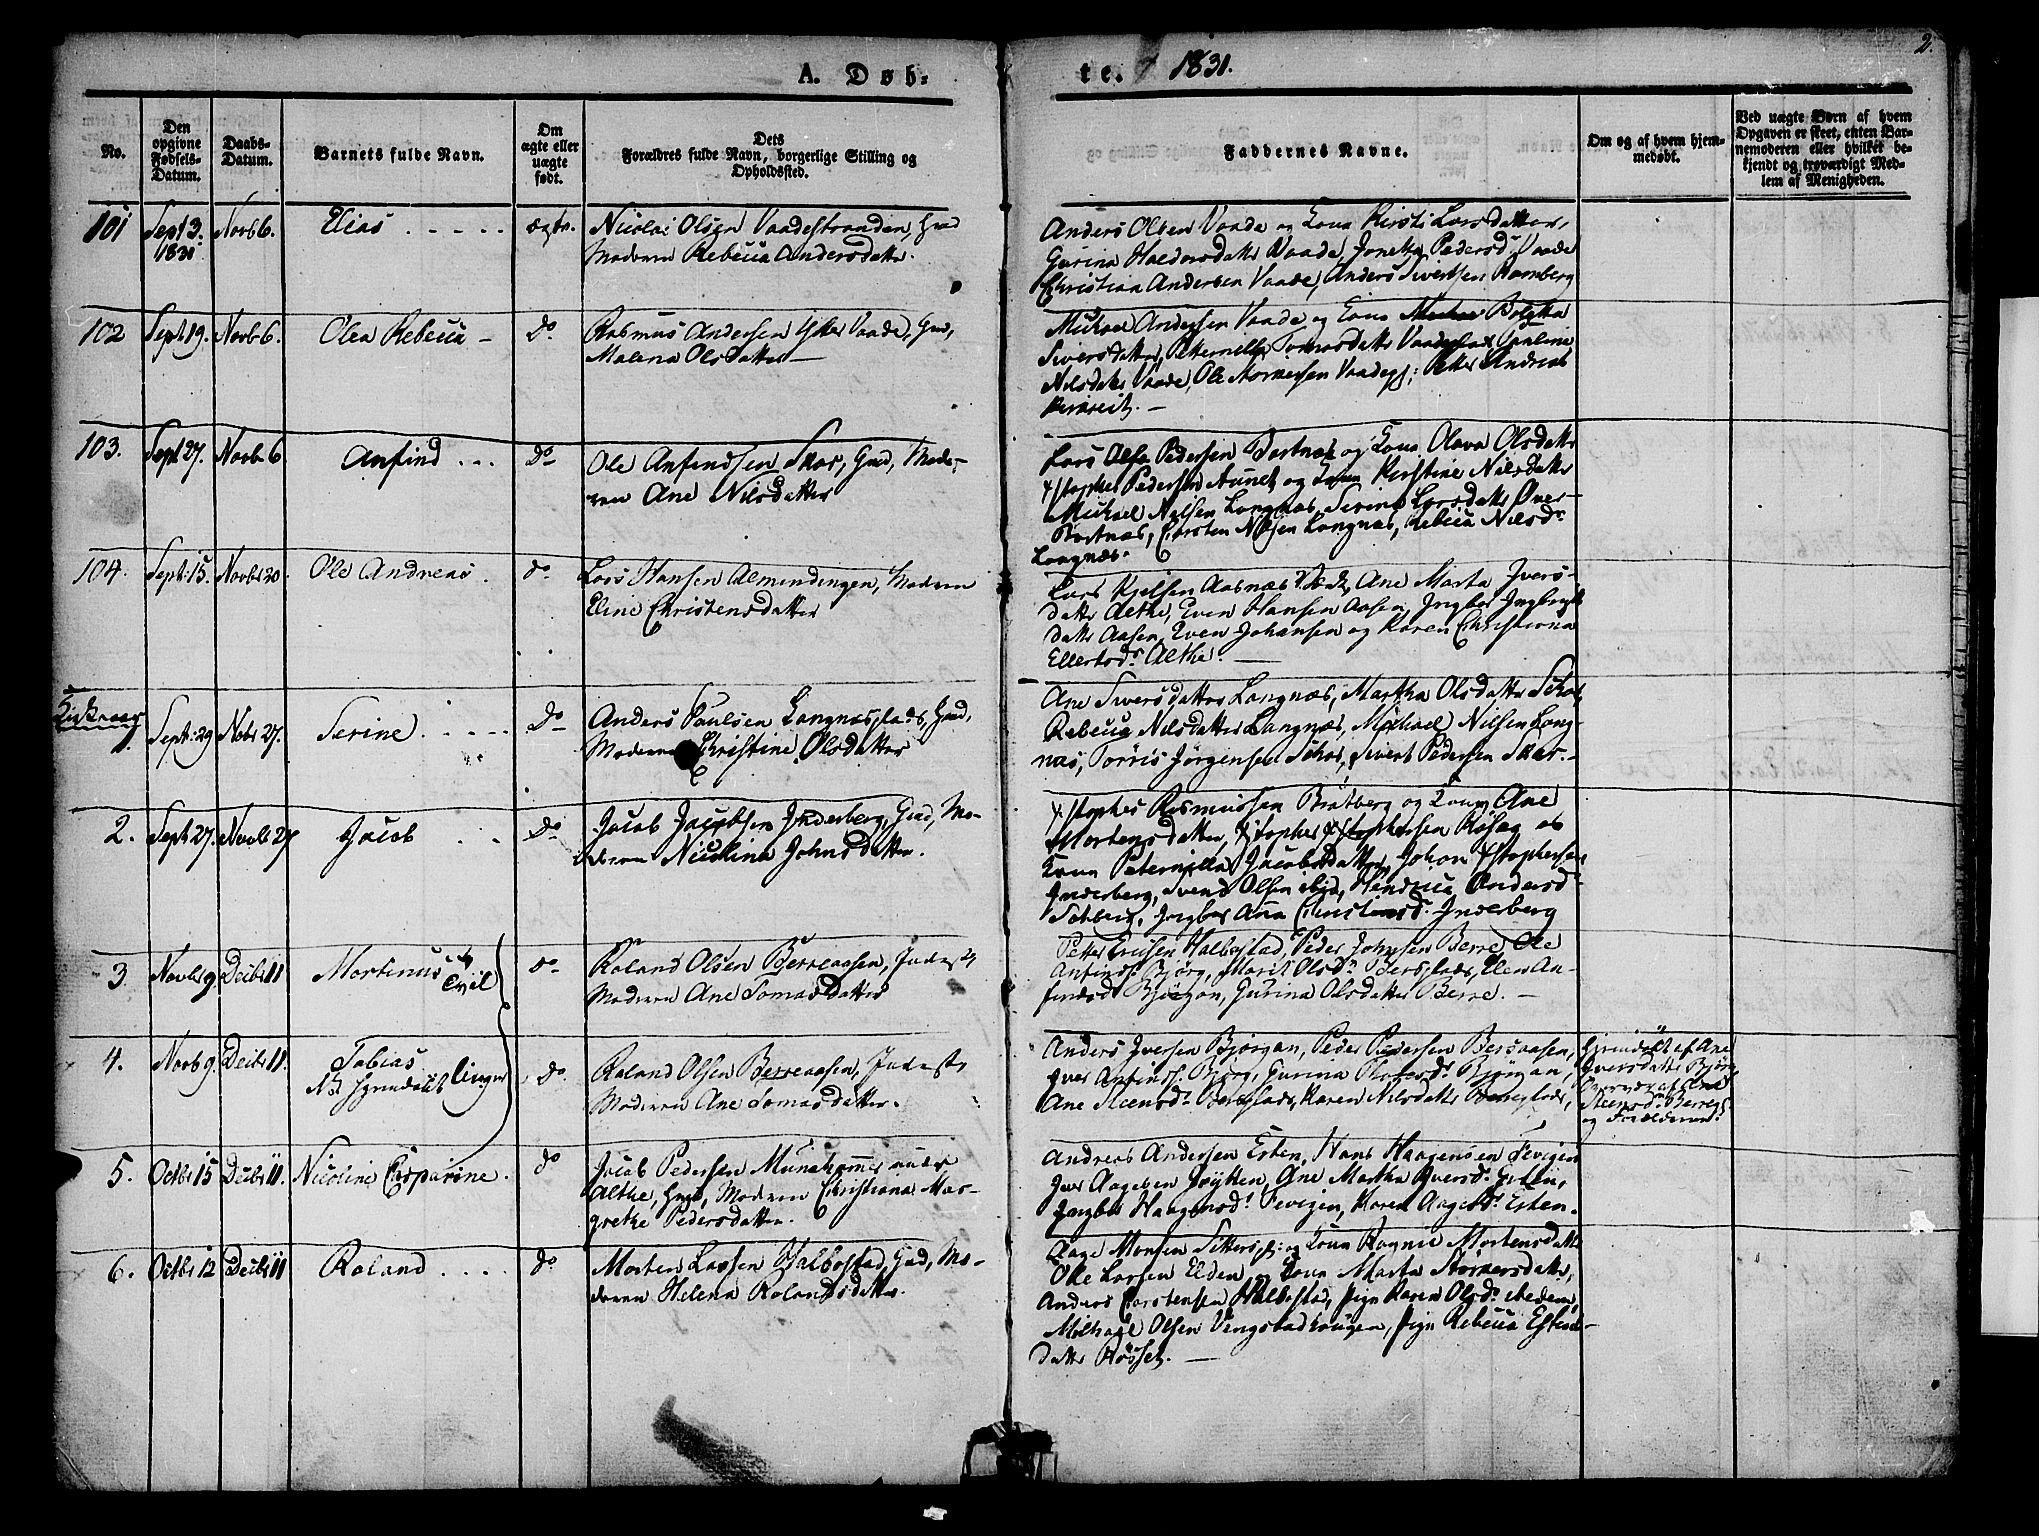 SAT, Ministerialprotokoller, klokkerbøker og fødselsregistre - Nord-Trøndelag, 741/L0391: Ministerialbok nr. 741A05, 1831-1836, s. 2